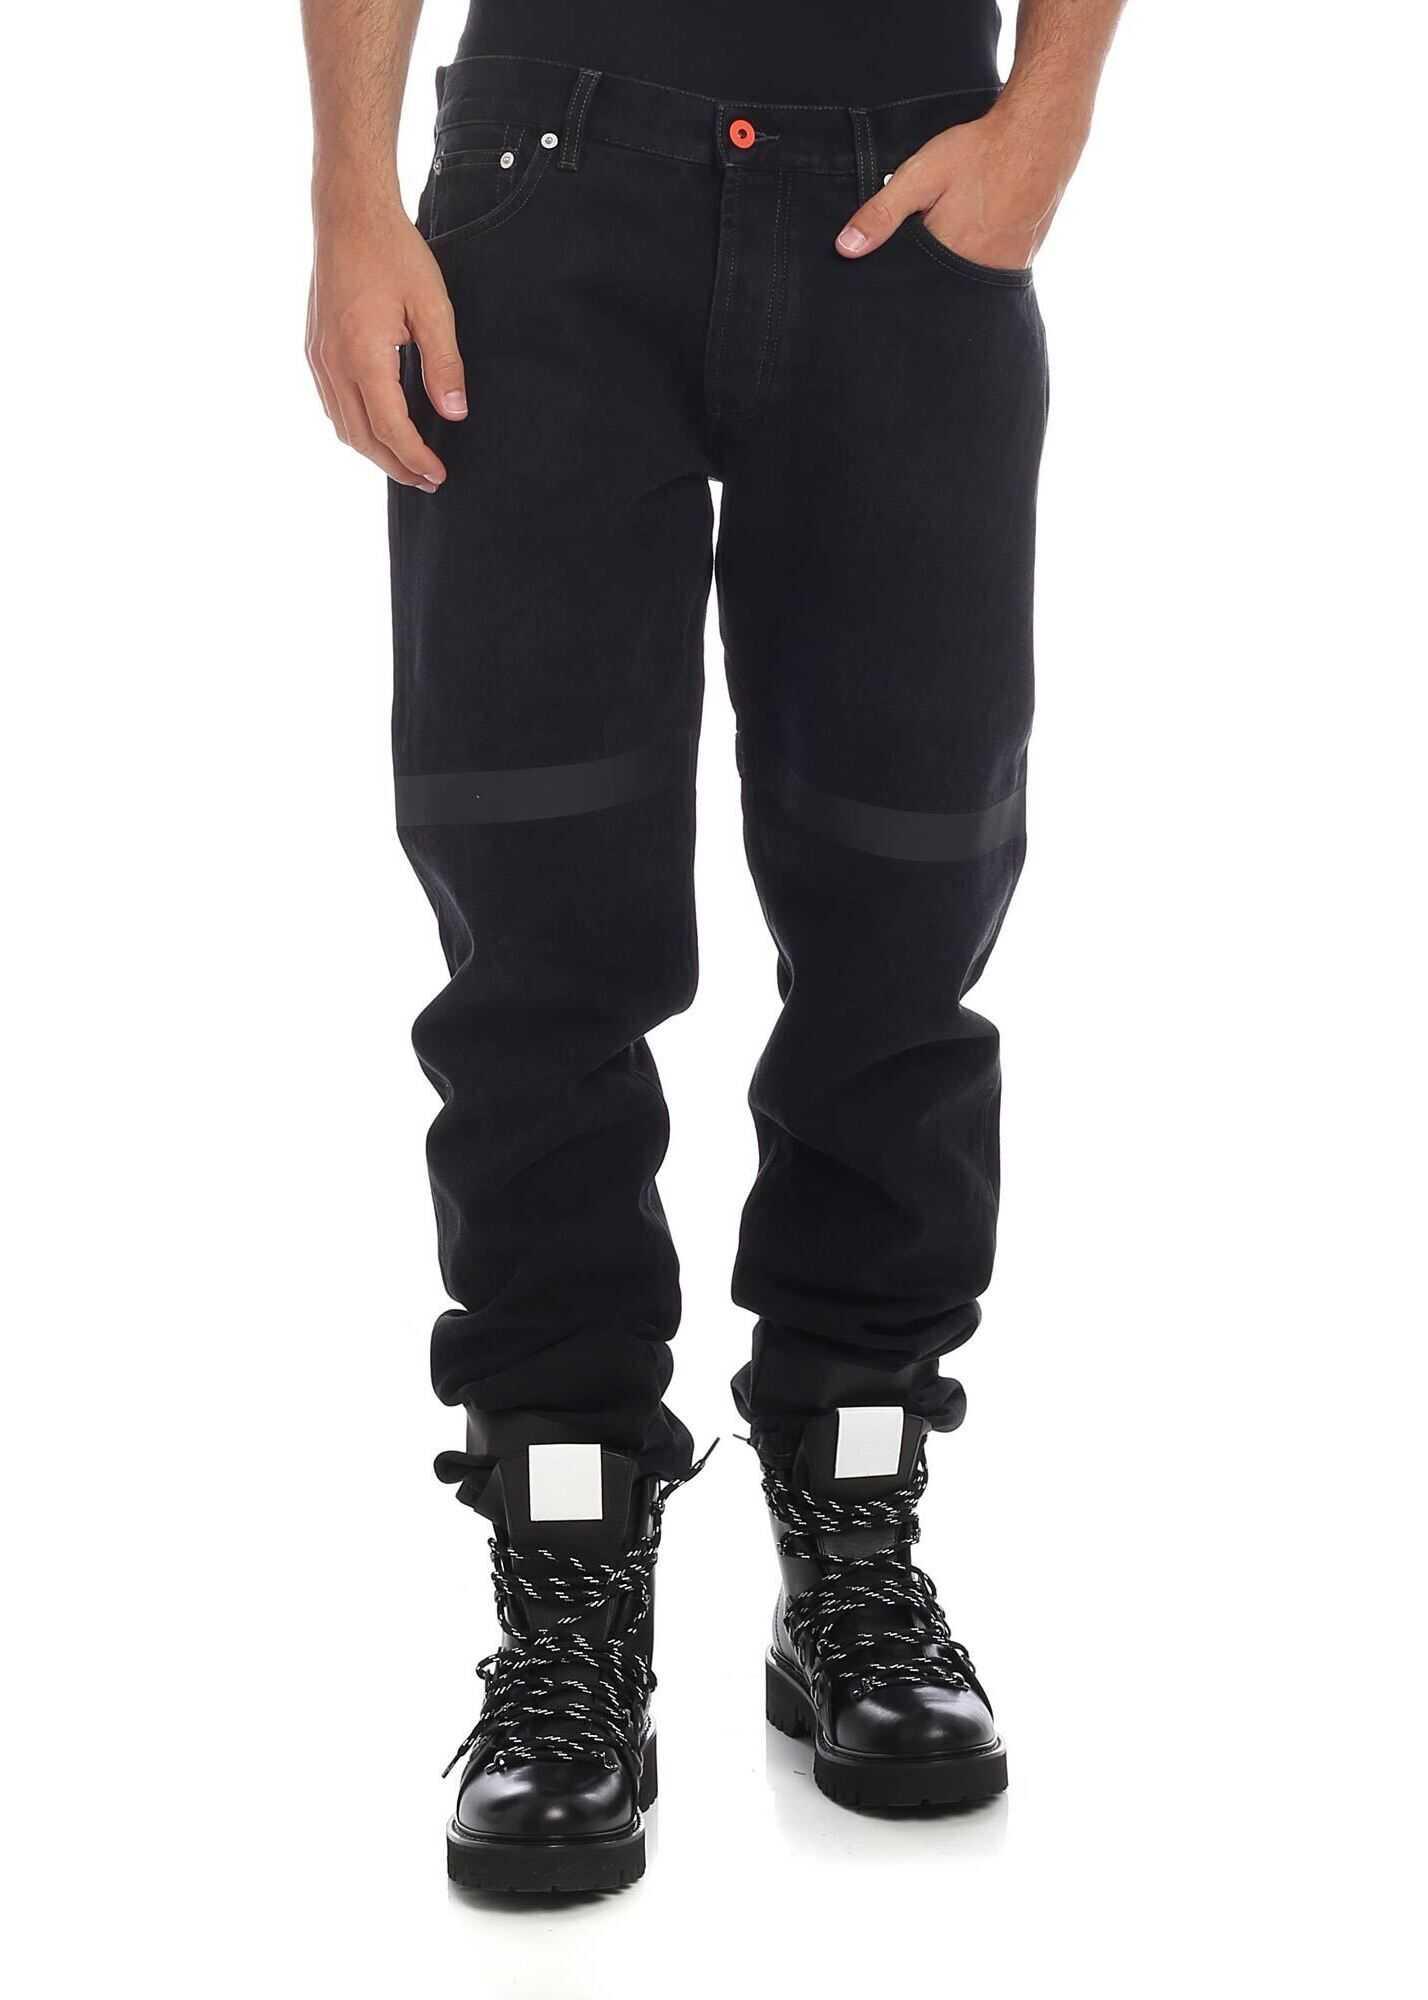 Heron Preston Jeans Tape In Black Black imagine